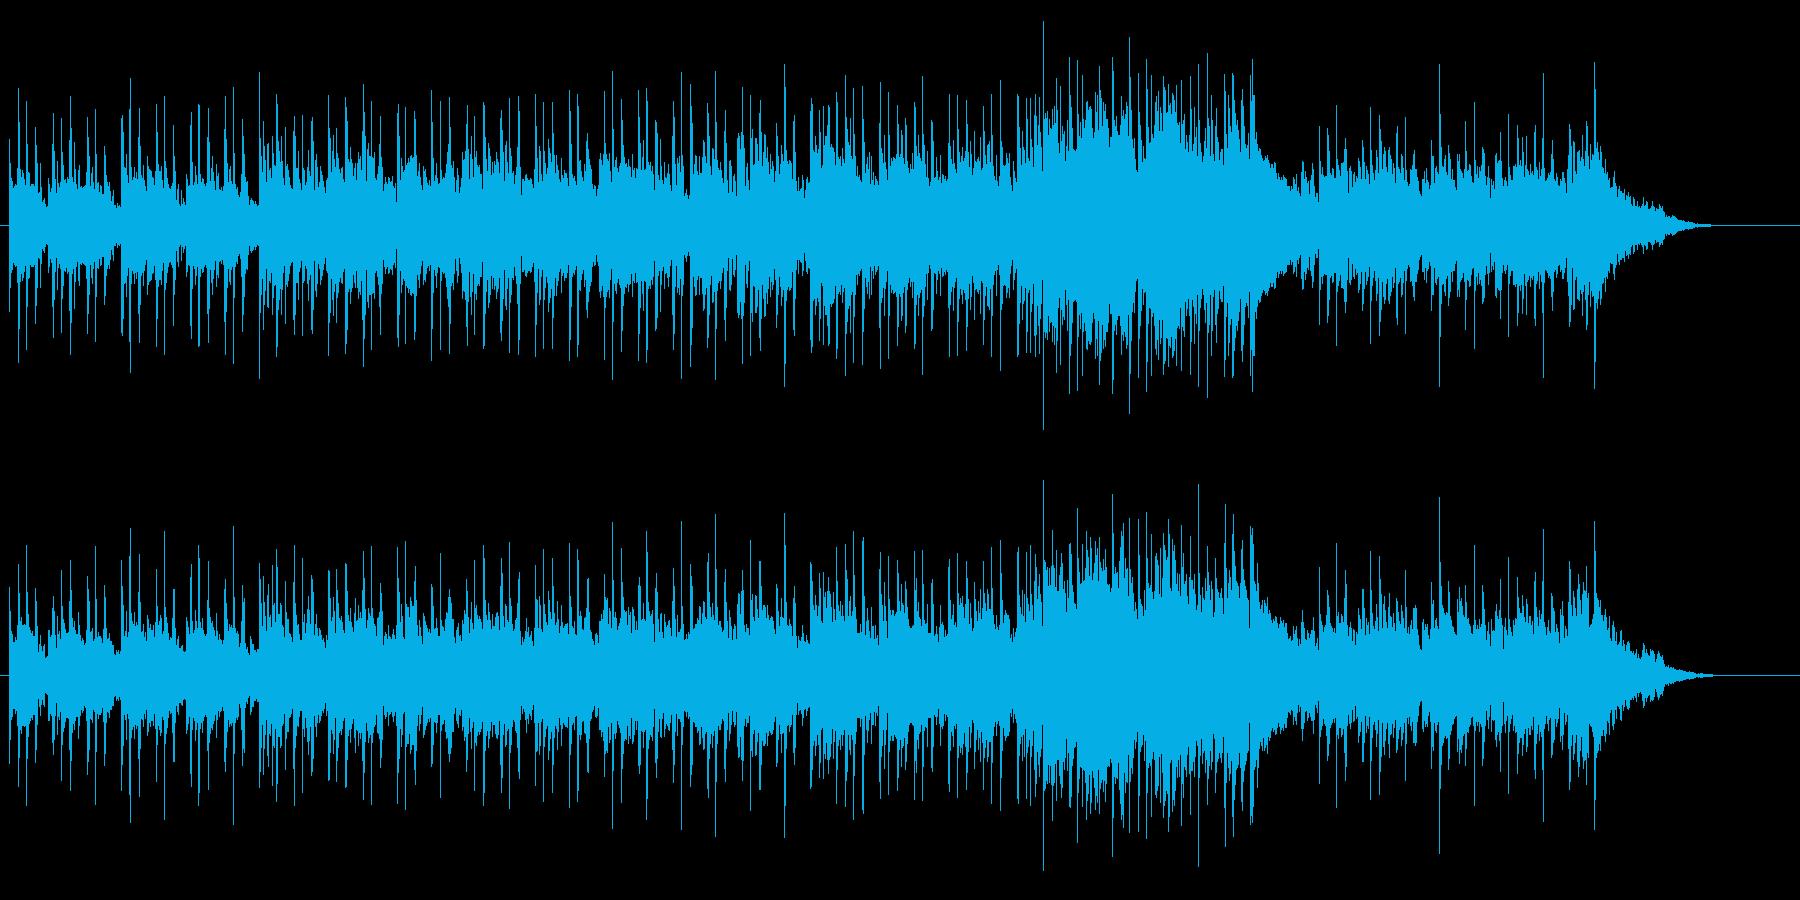 コラージュされたレゲエサウンドの再生済みの波形